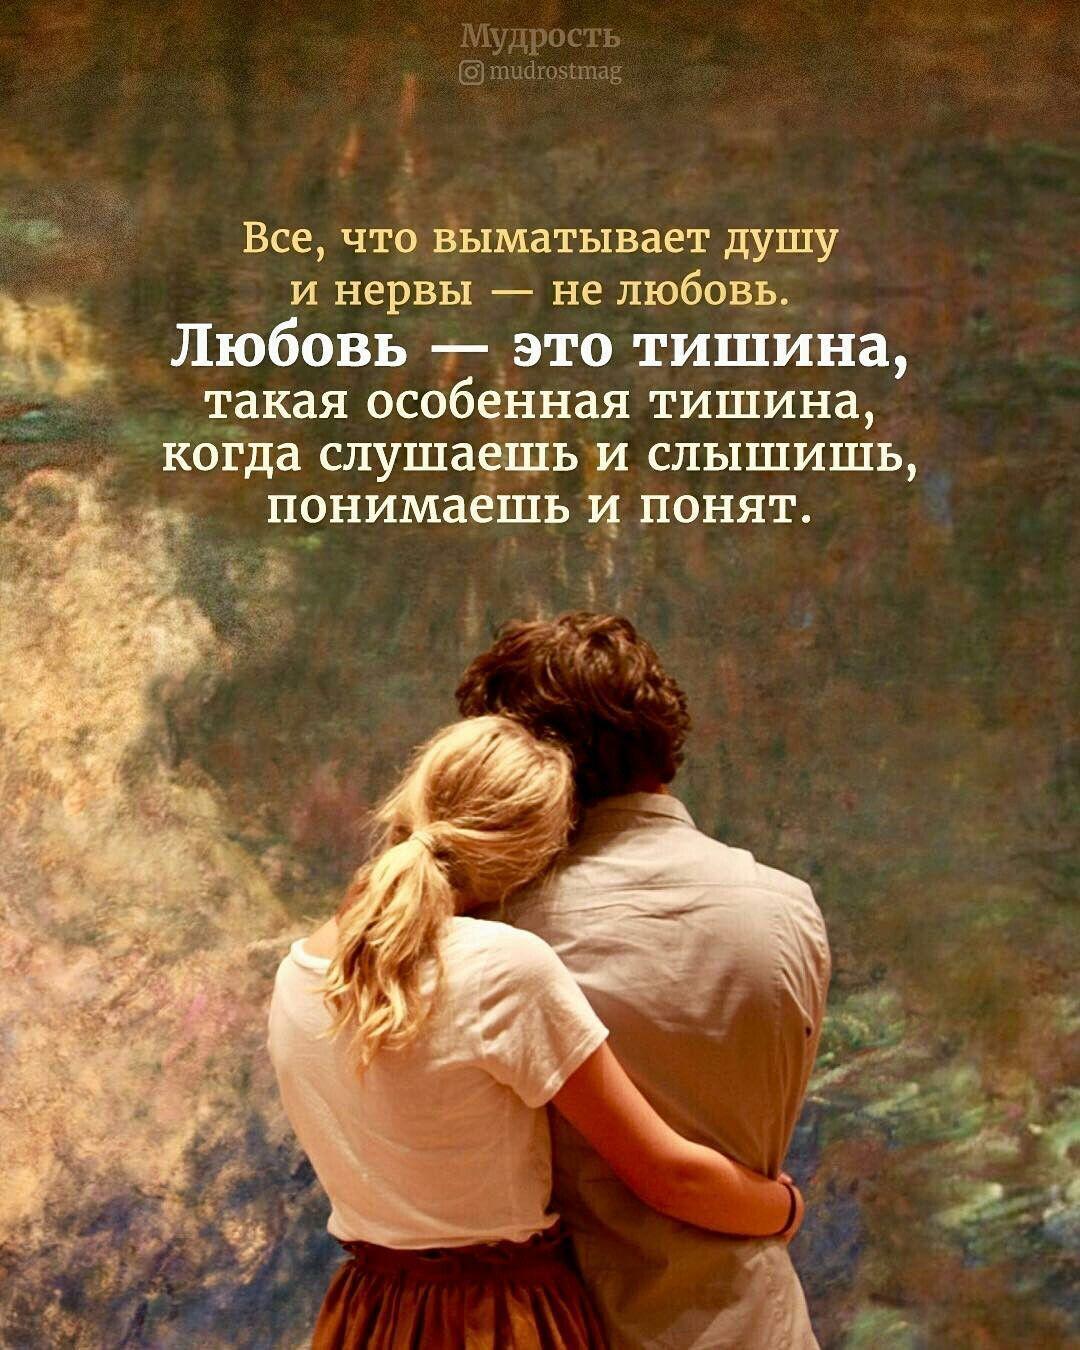 Высказывания о любви и отношениях в картинках